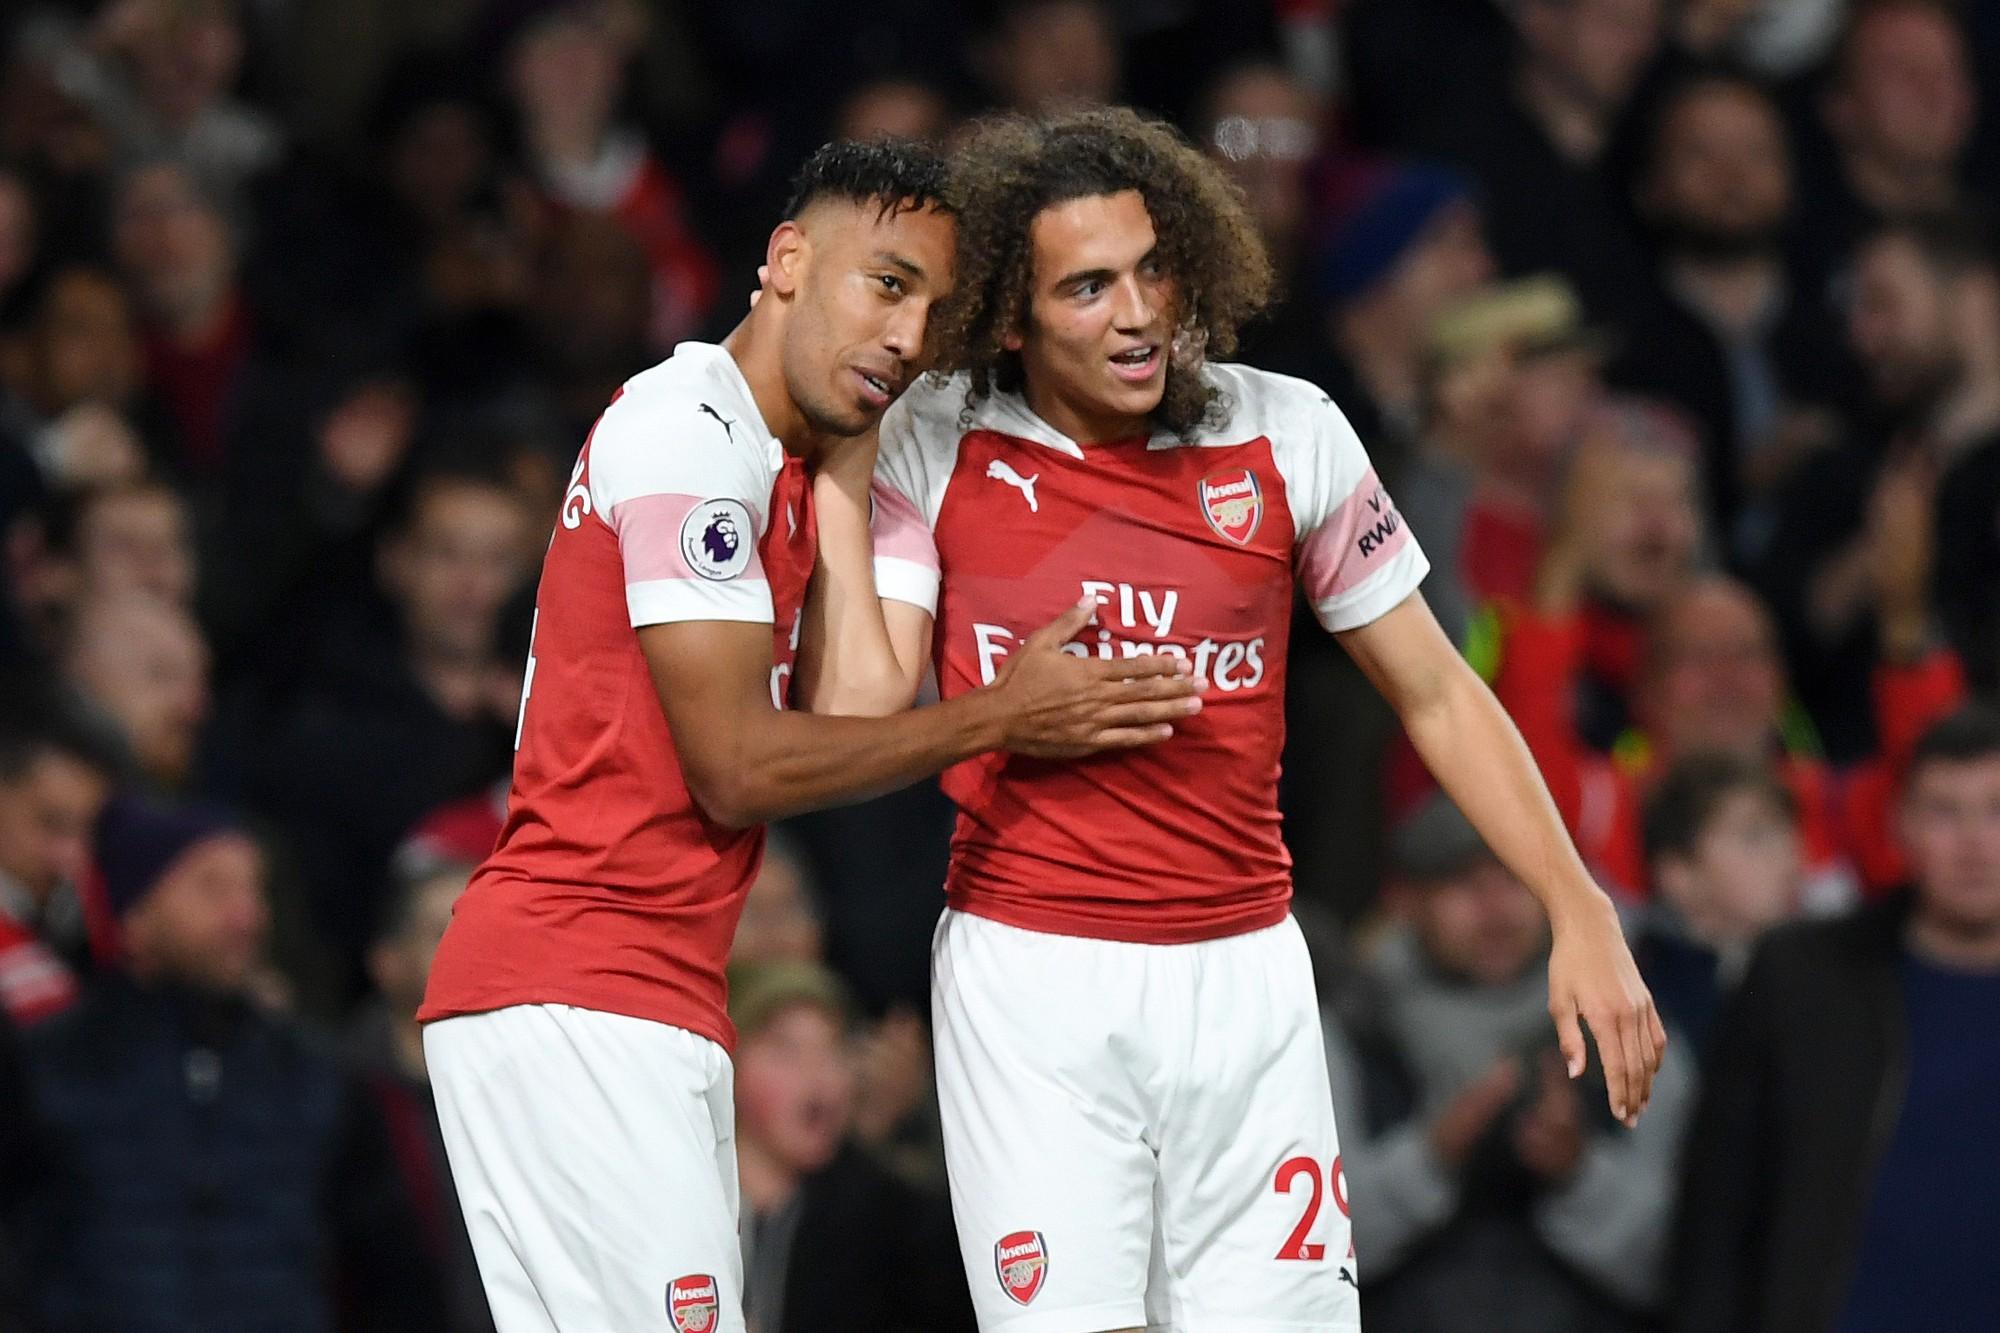 HLV Emery hô biến Arsenal trở thành CLB thay người hiệu quả nhất NHA như thế nào? - Ảnh 1.